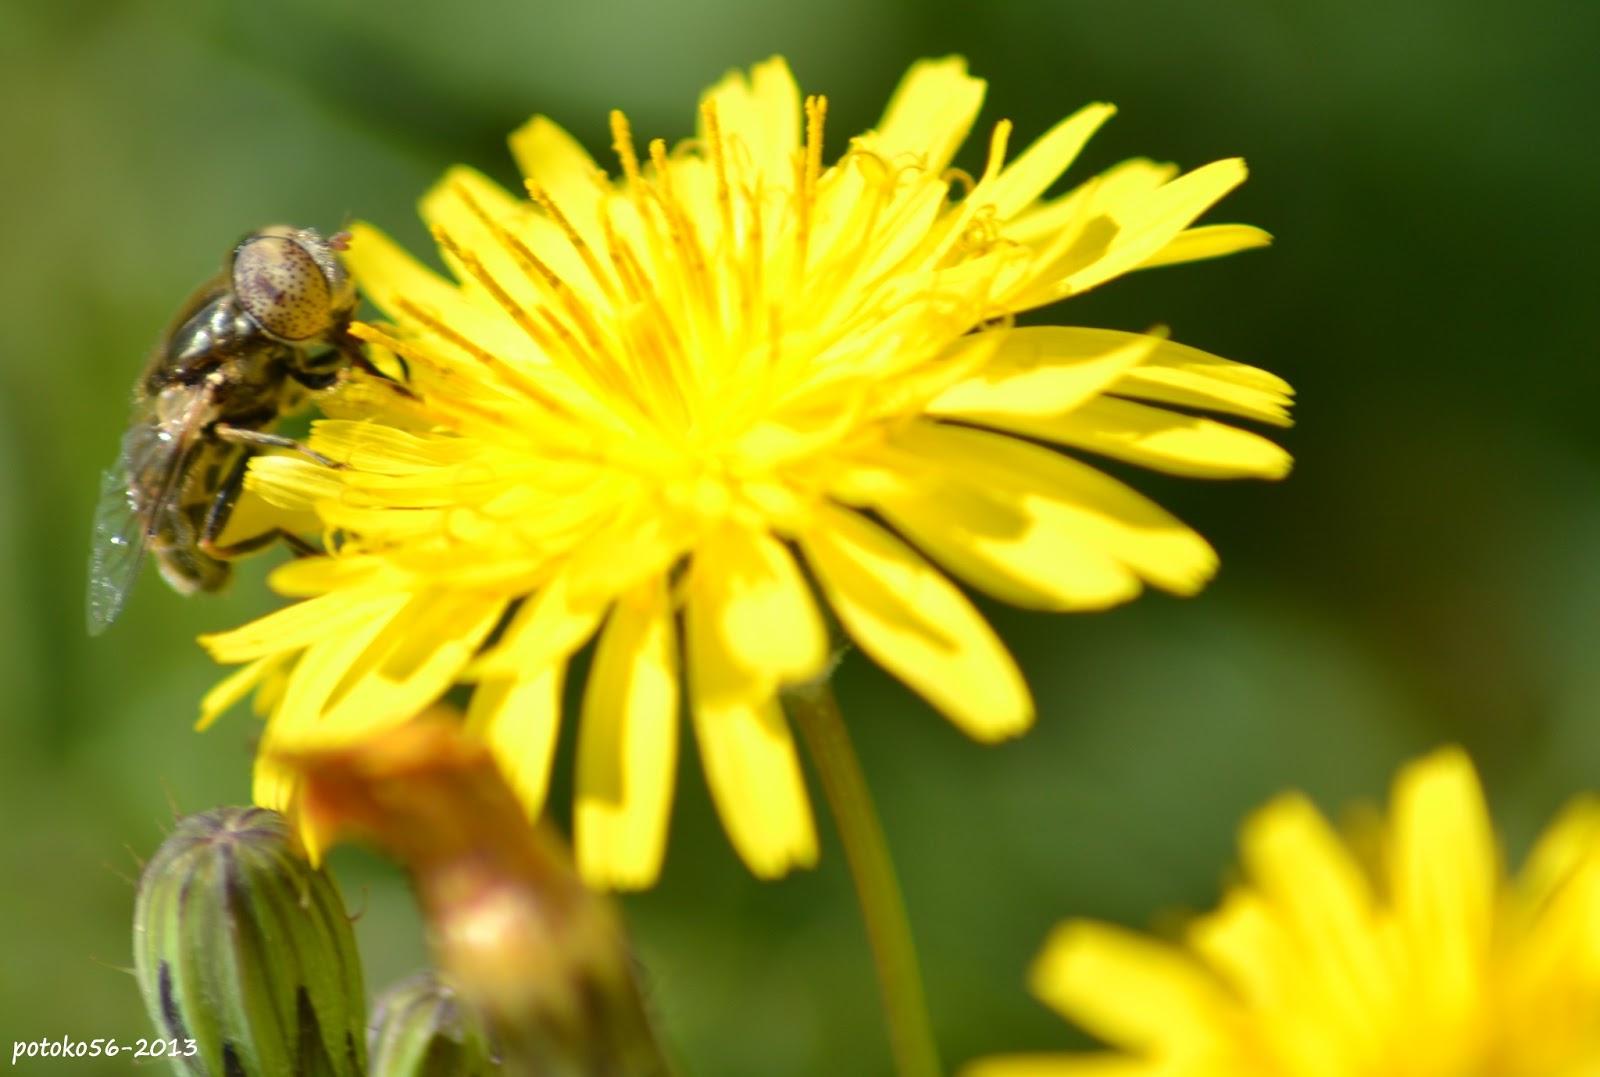 Recolecta de polen de una abeja